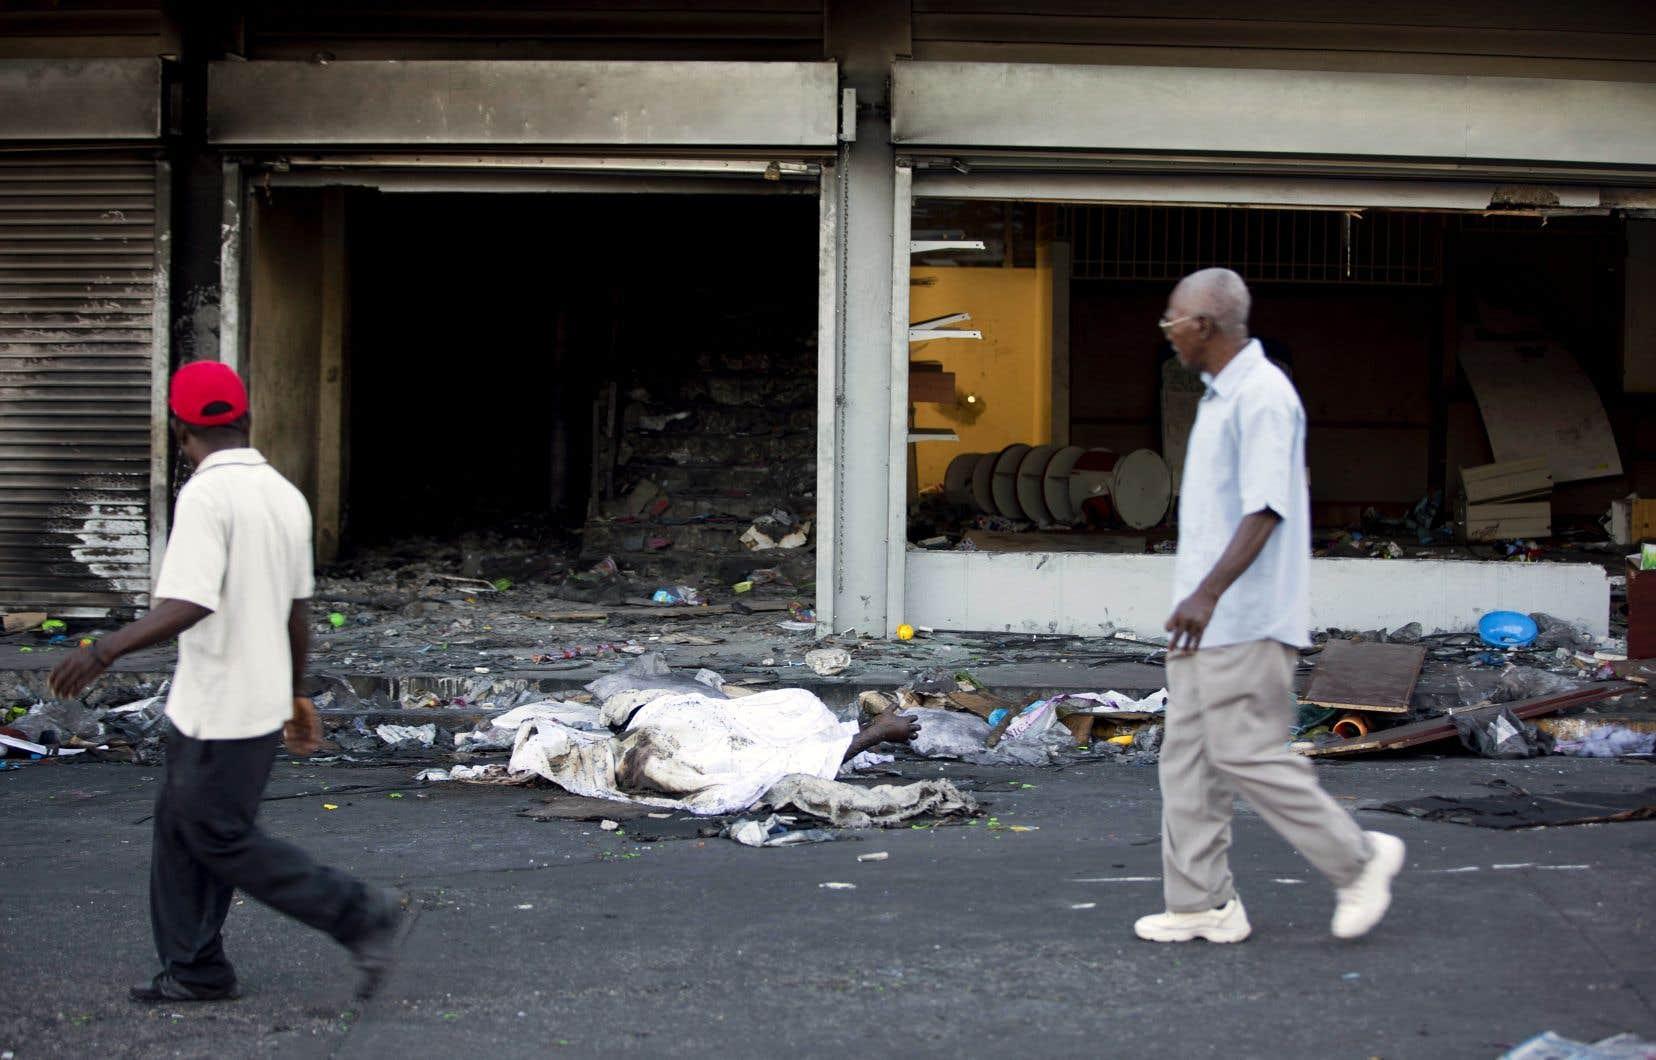 Deux corps recouverts d'un drap restent dans la rue devant un magasin pillé et incendié au cours des émeutes qui ont éclaté samedi à Port-au-Prince.